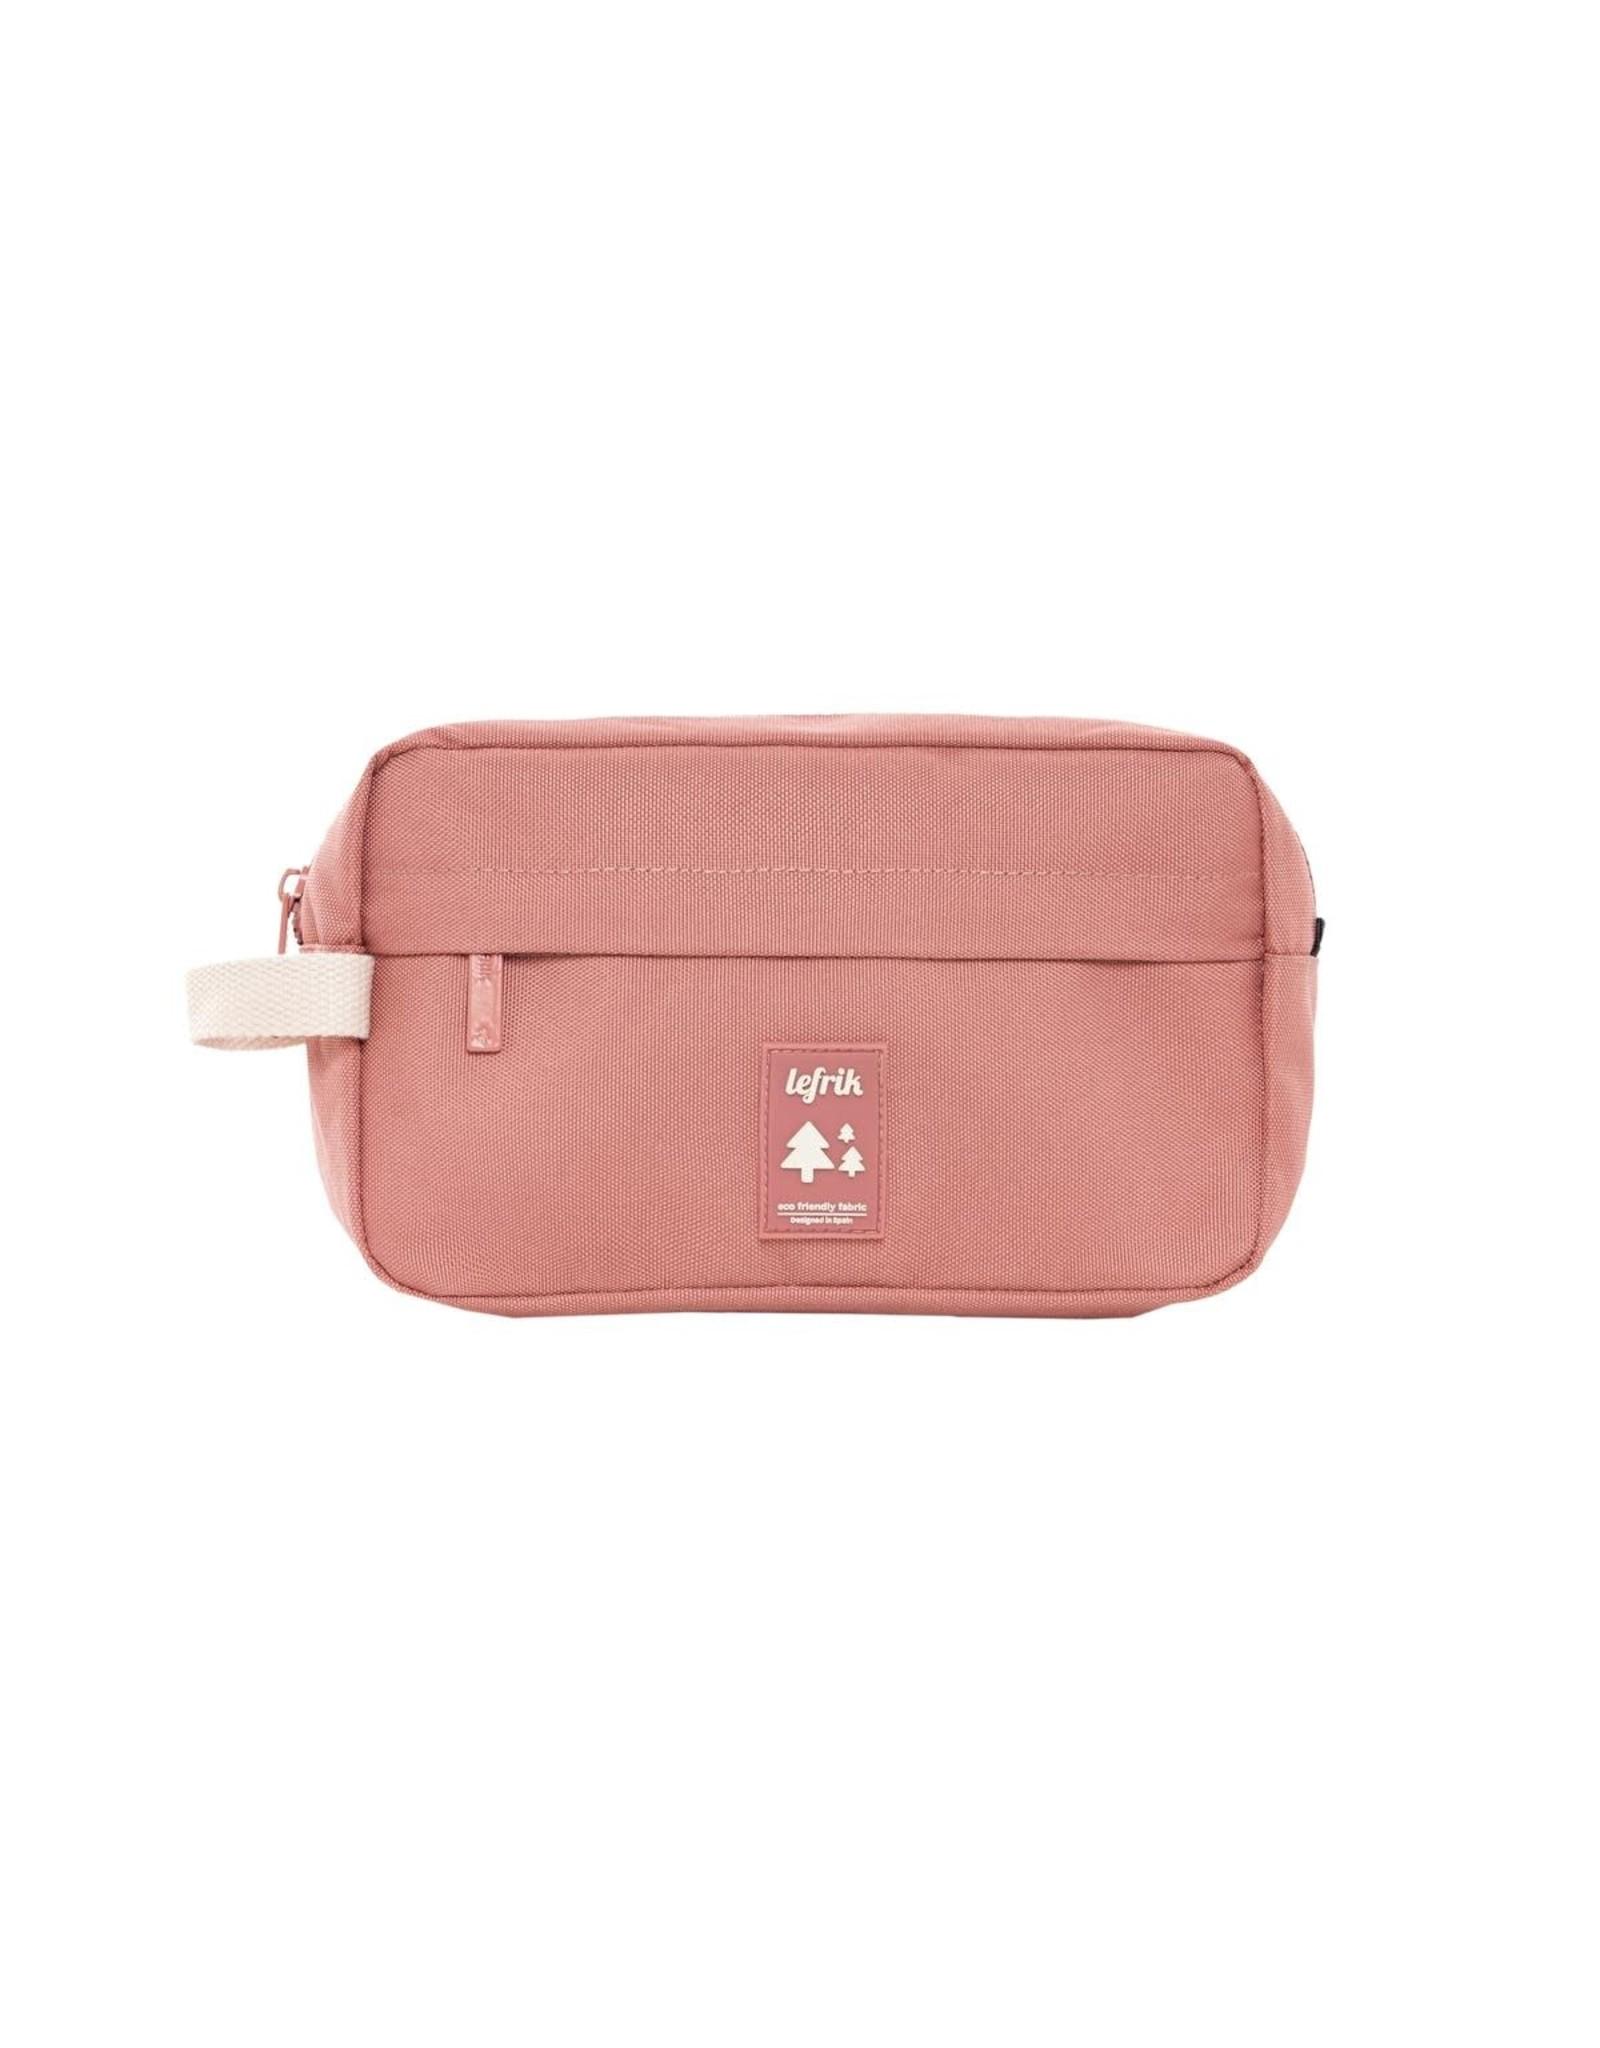 LEFRIK LITHE BAG - Dust Pink